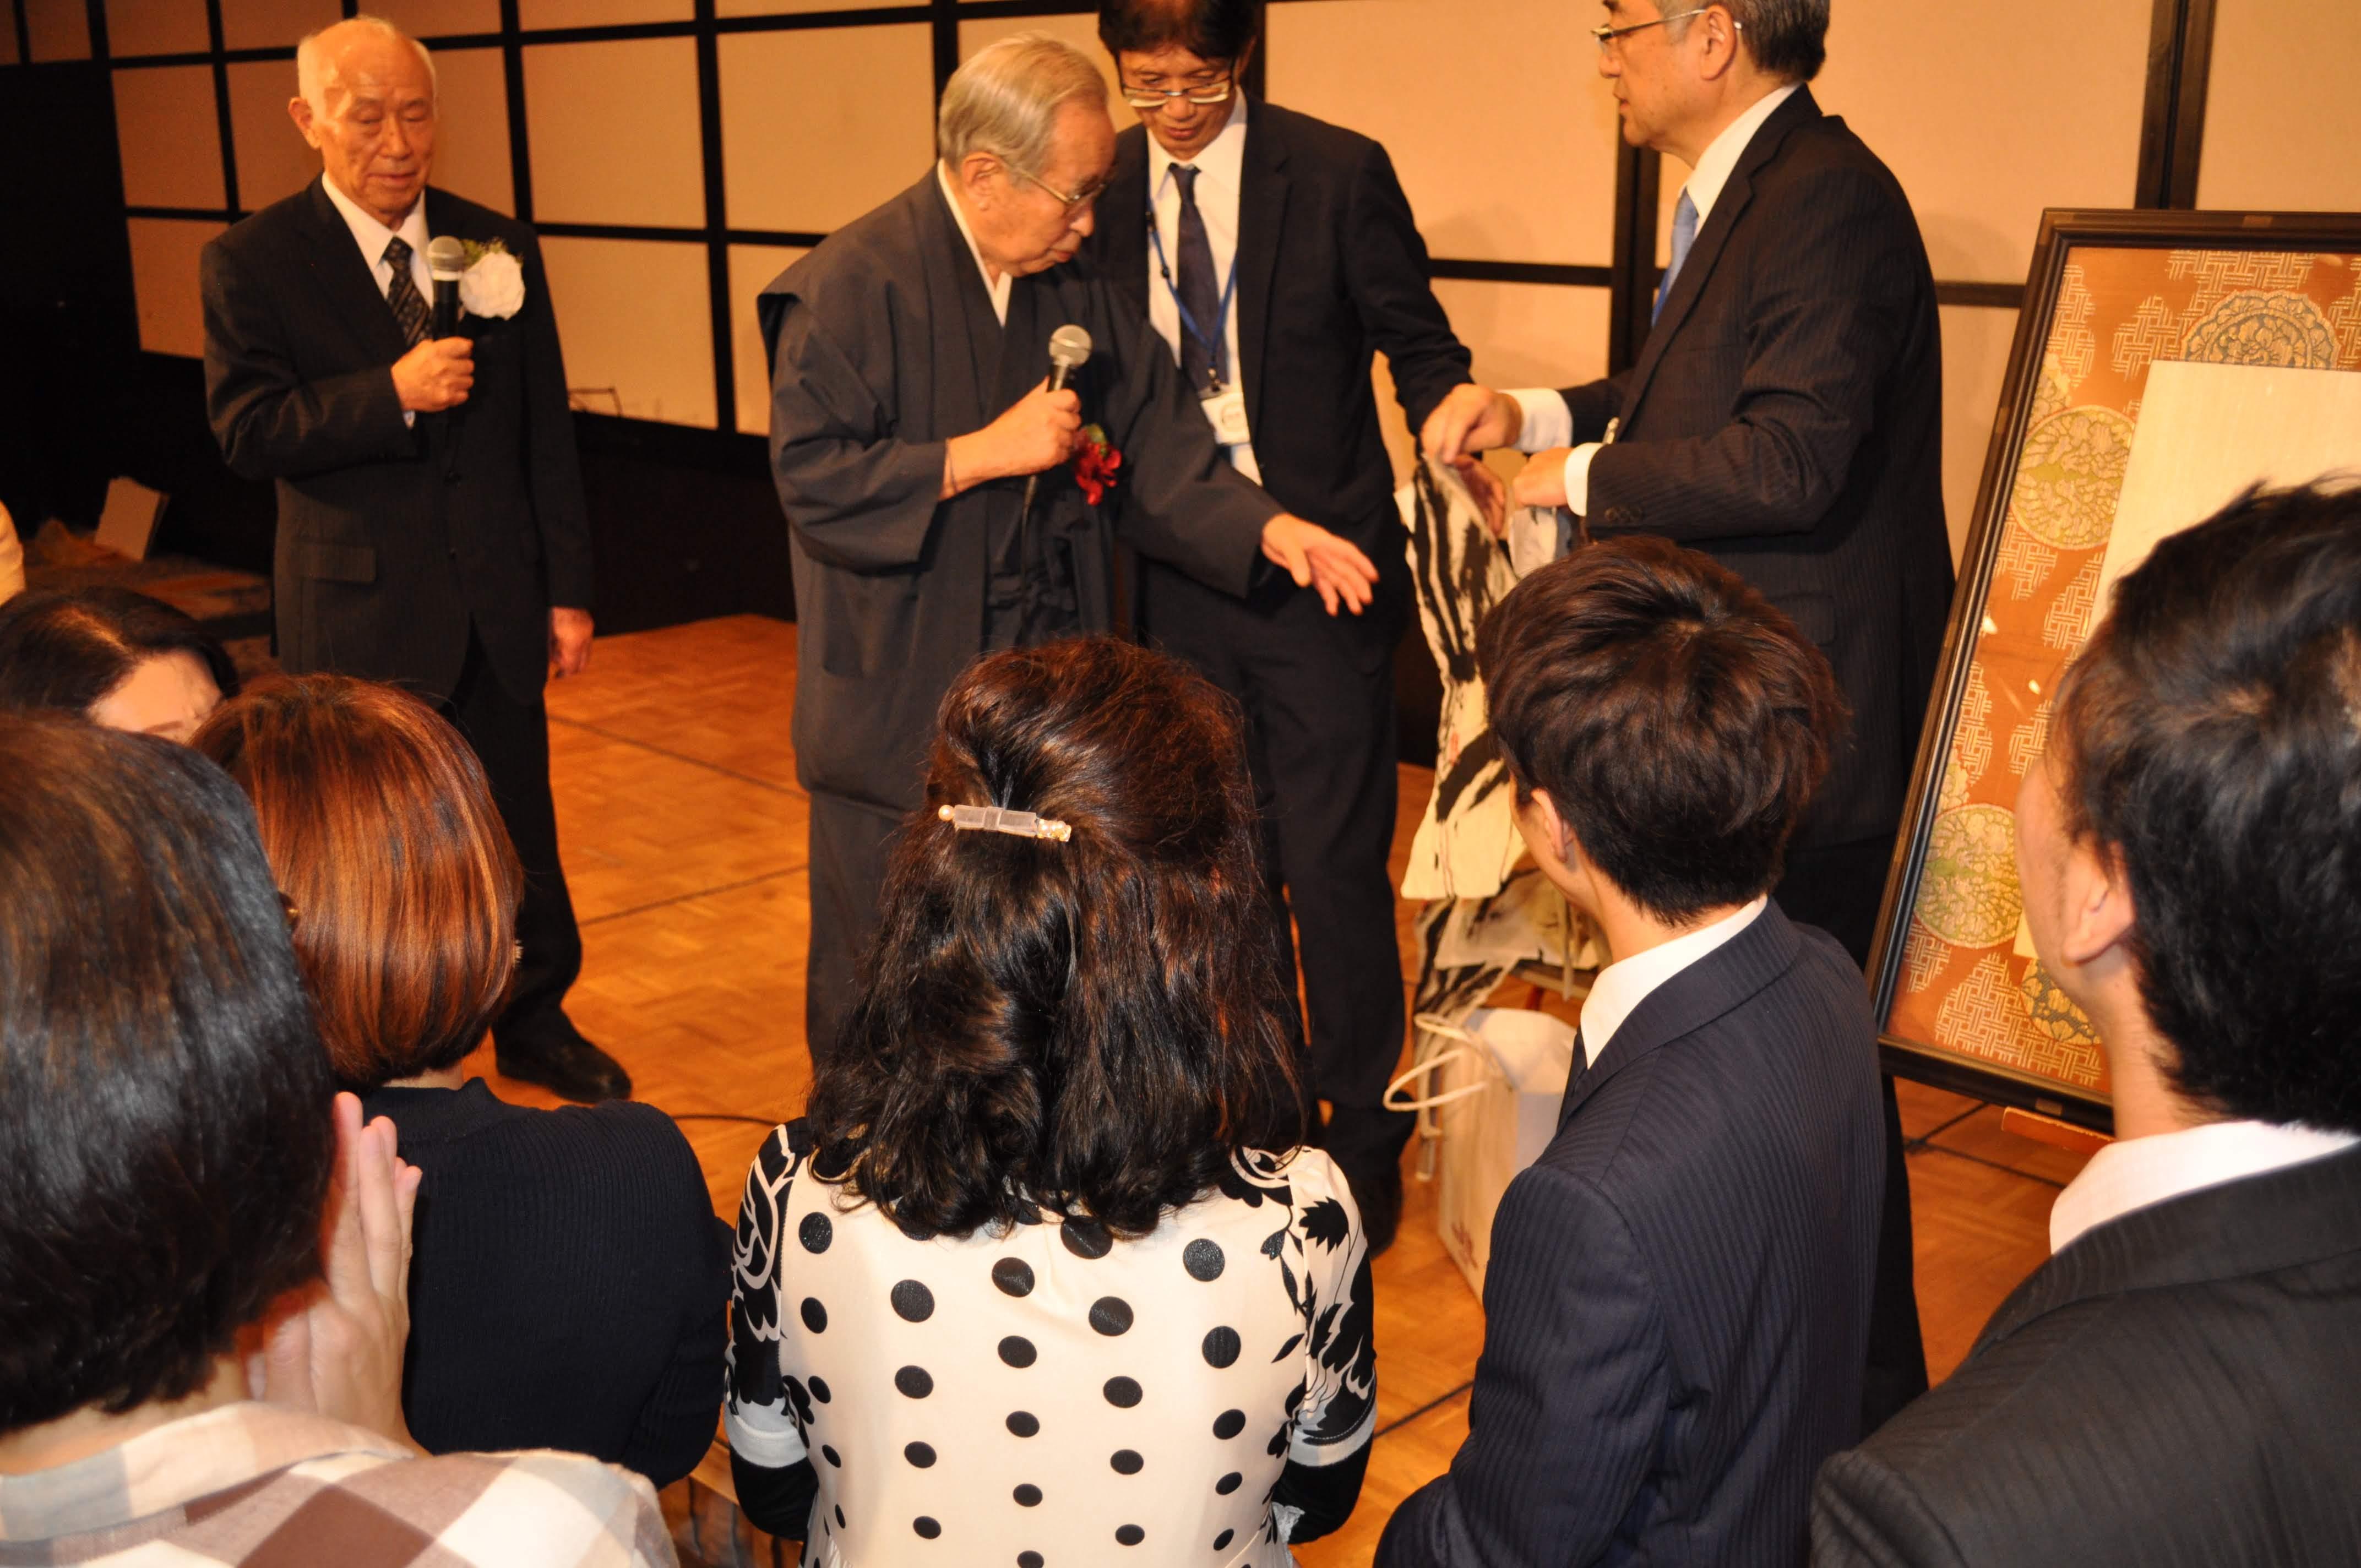 DSC 0577 1 - 思風会全国大会in広島